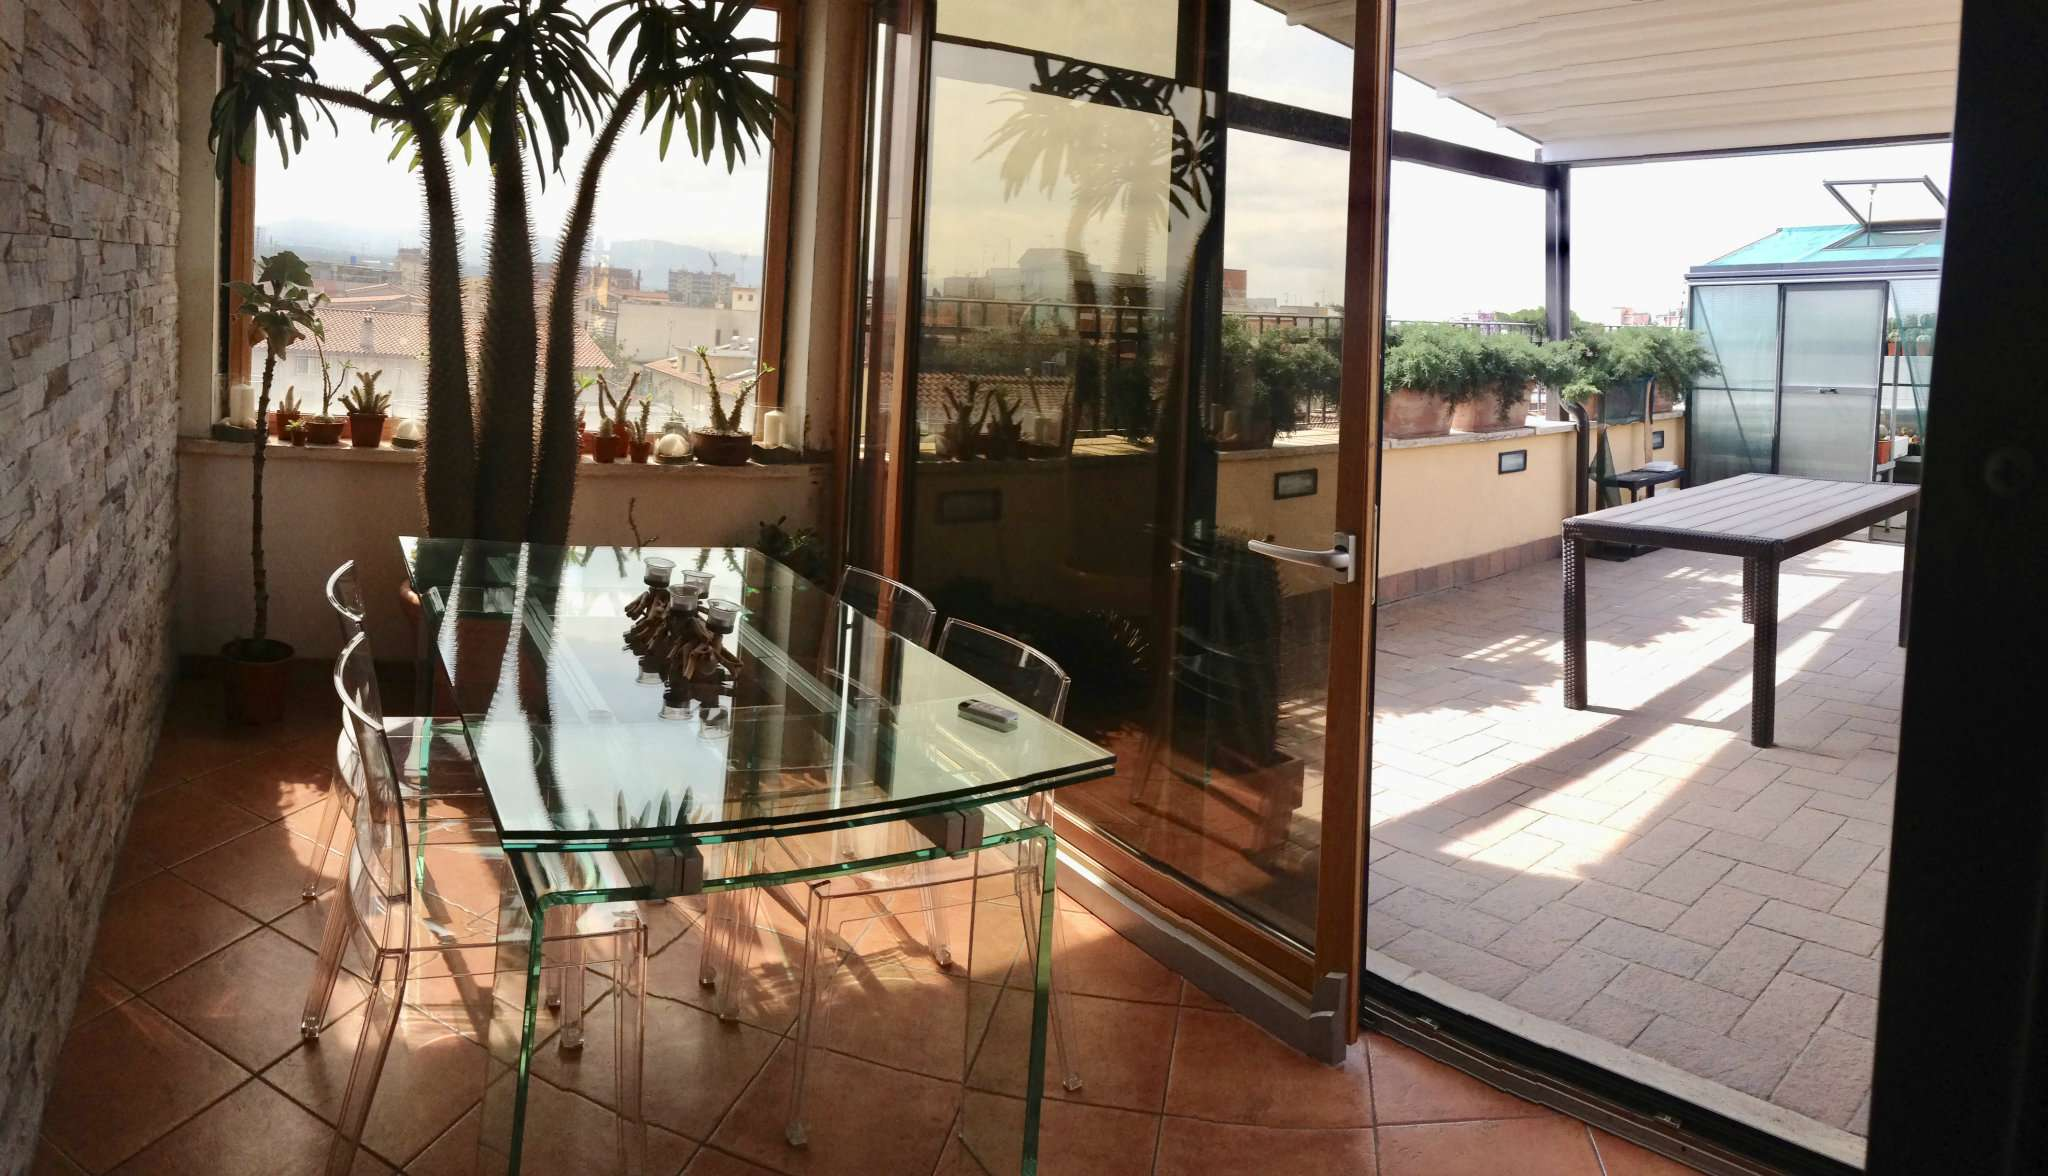 Attico / Mansarda in vendita a Guidonia Montecelio, 3 locali, prezzo € 155.000 | CambioCasa.it